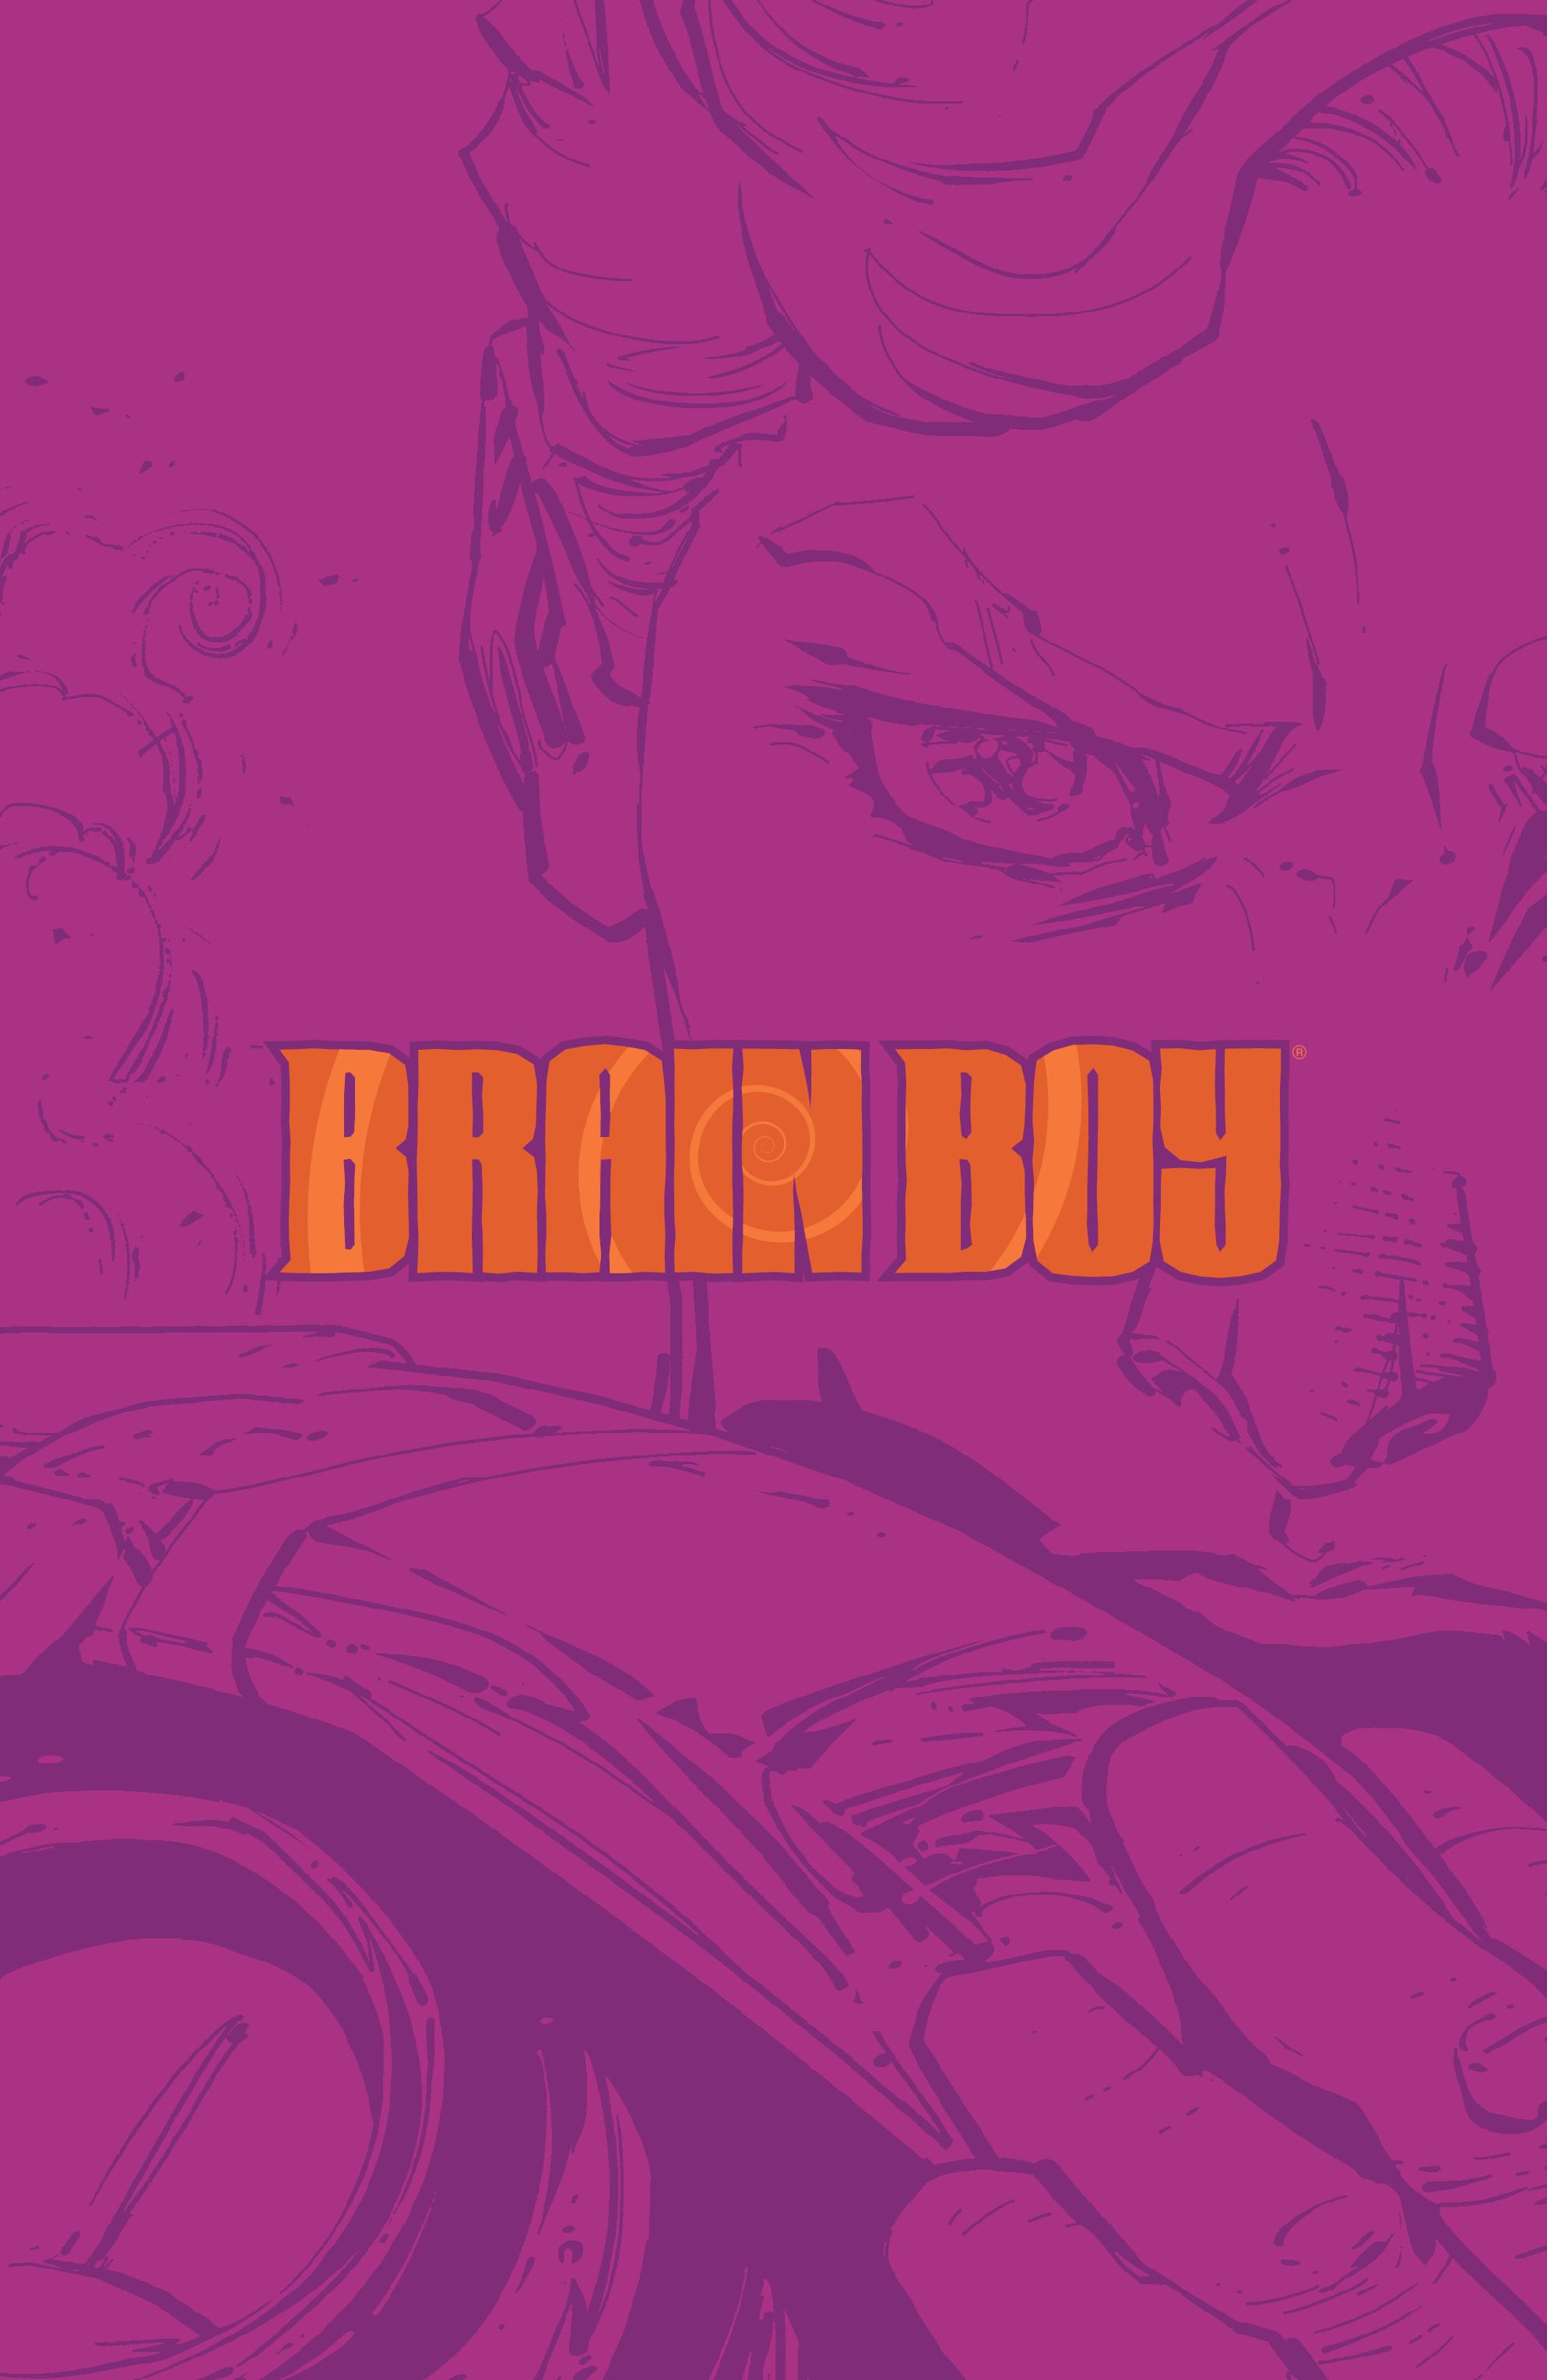 Read online Brain Boy:  The Men from G.E.S.T.A.L.T. comic -  Issue # TPB - 3